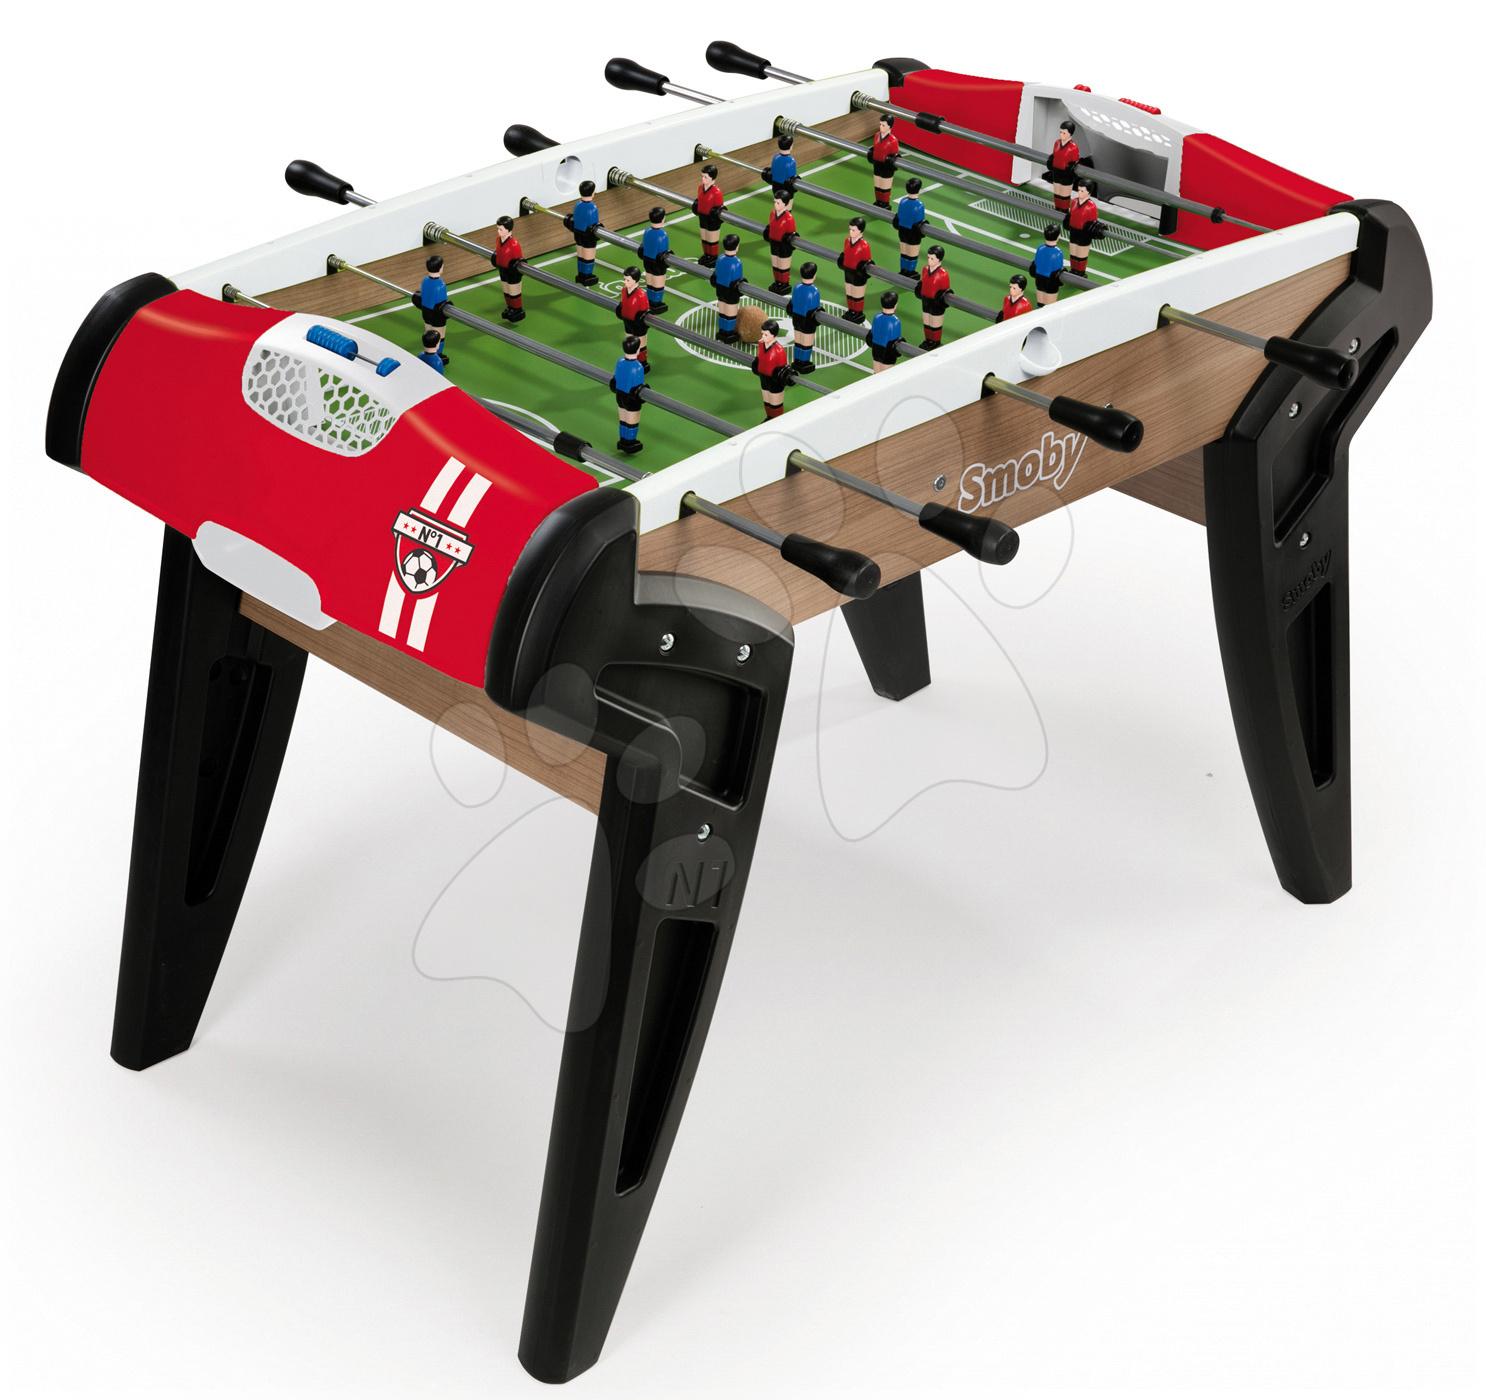 Stolný futbal - Drevený futbalový stôl BBF Nr. 1 Smoby s 2 korkovými loptičkami od 8 rokov